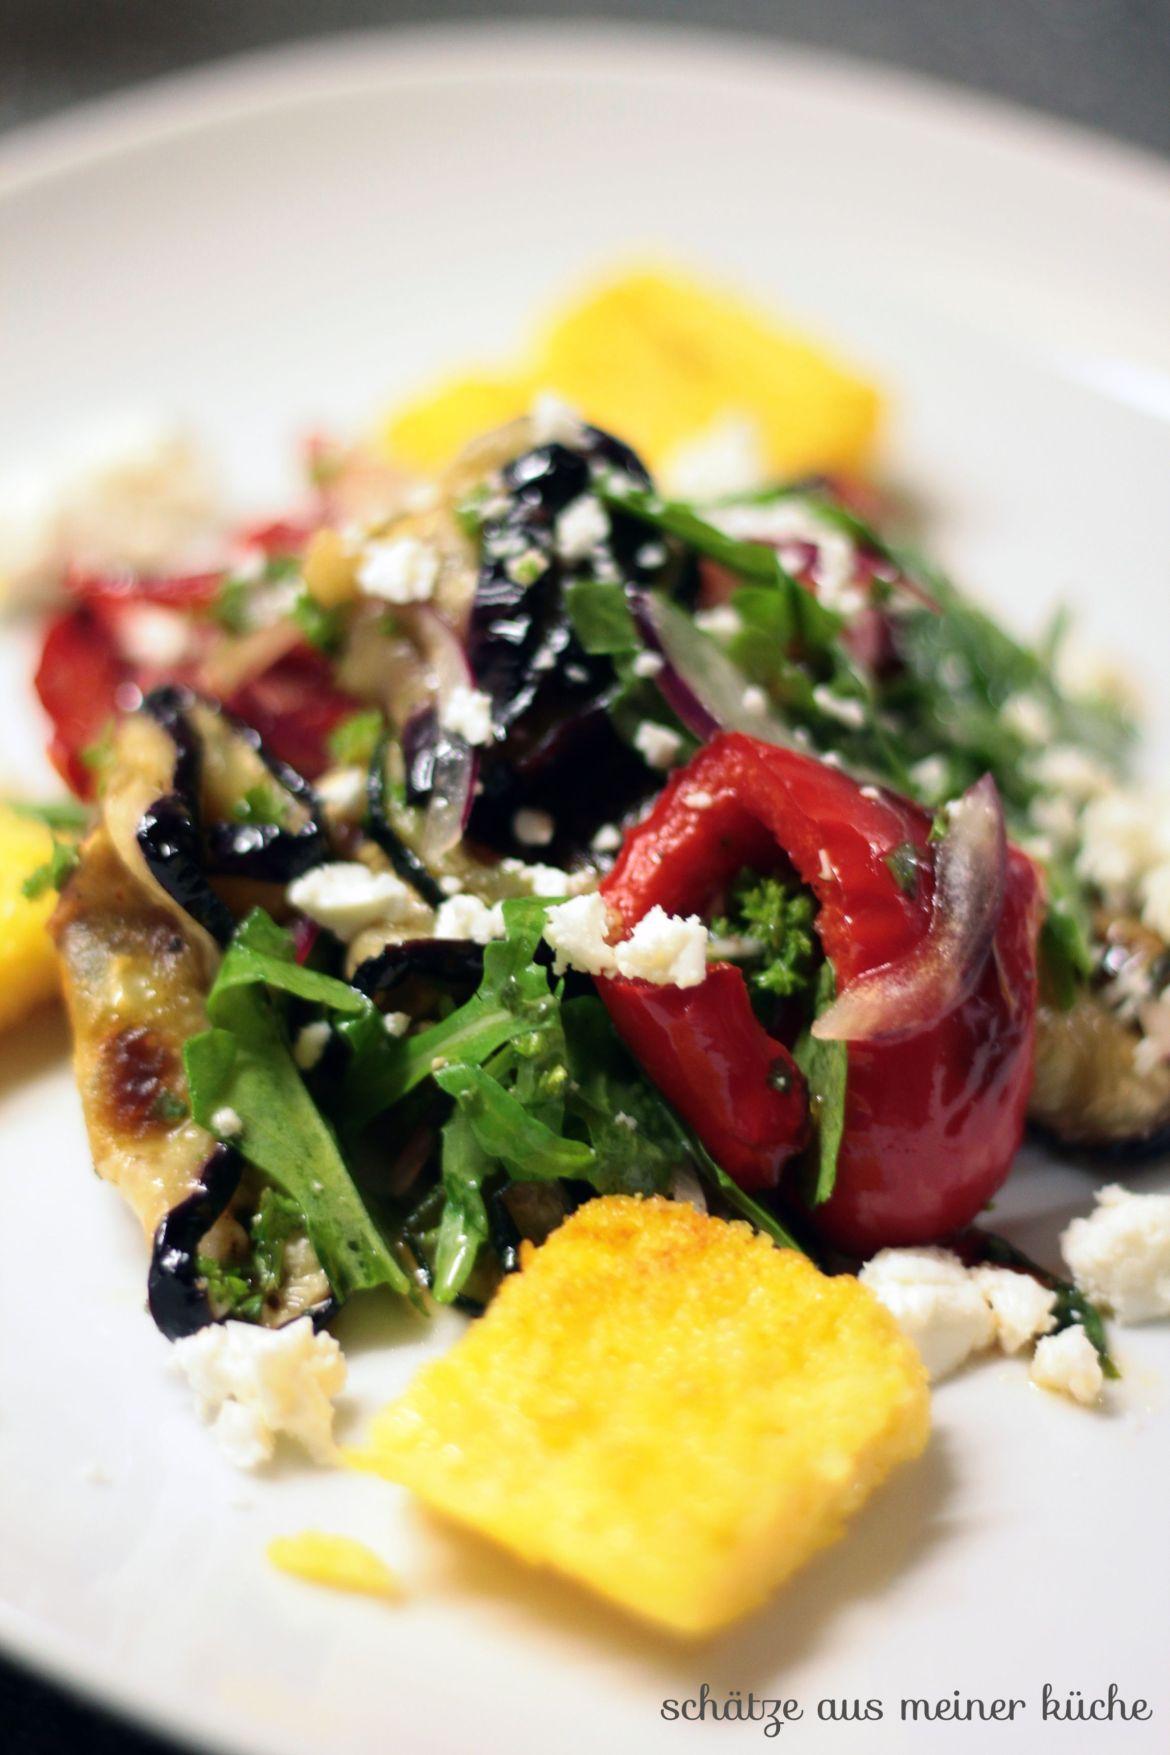 Lauwarmer Grillgemüse-Salat mit Polenta-Ecken